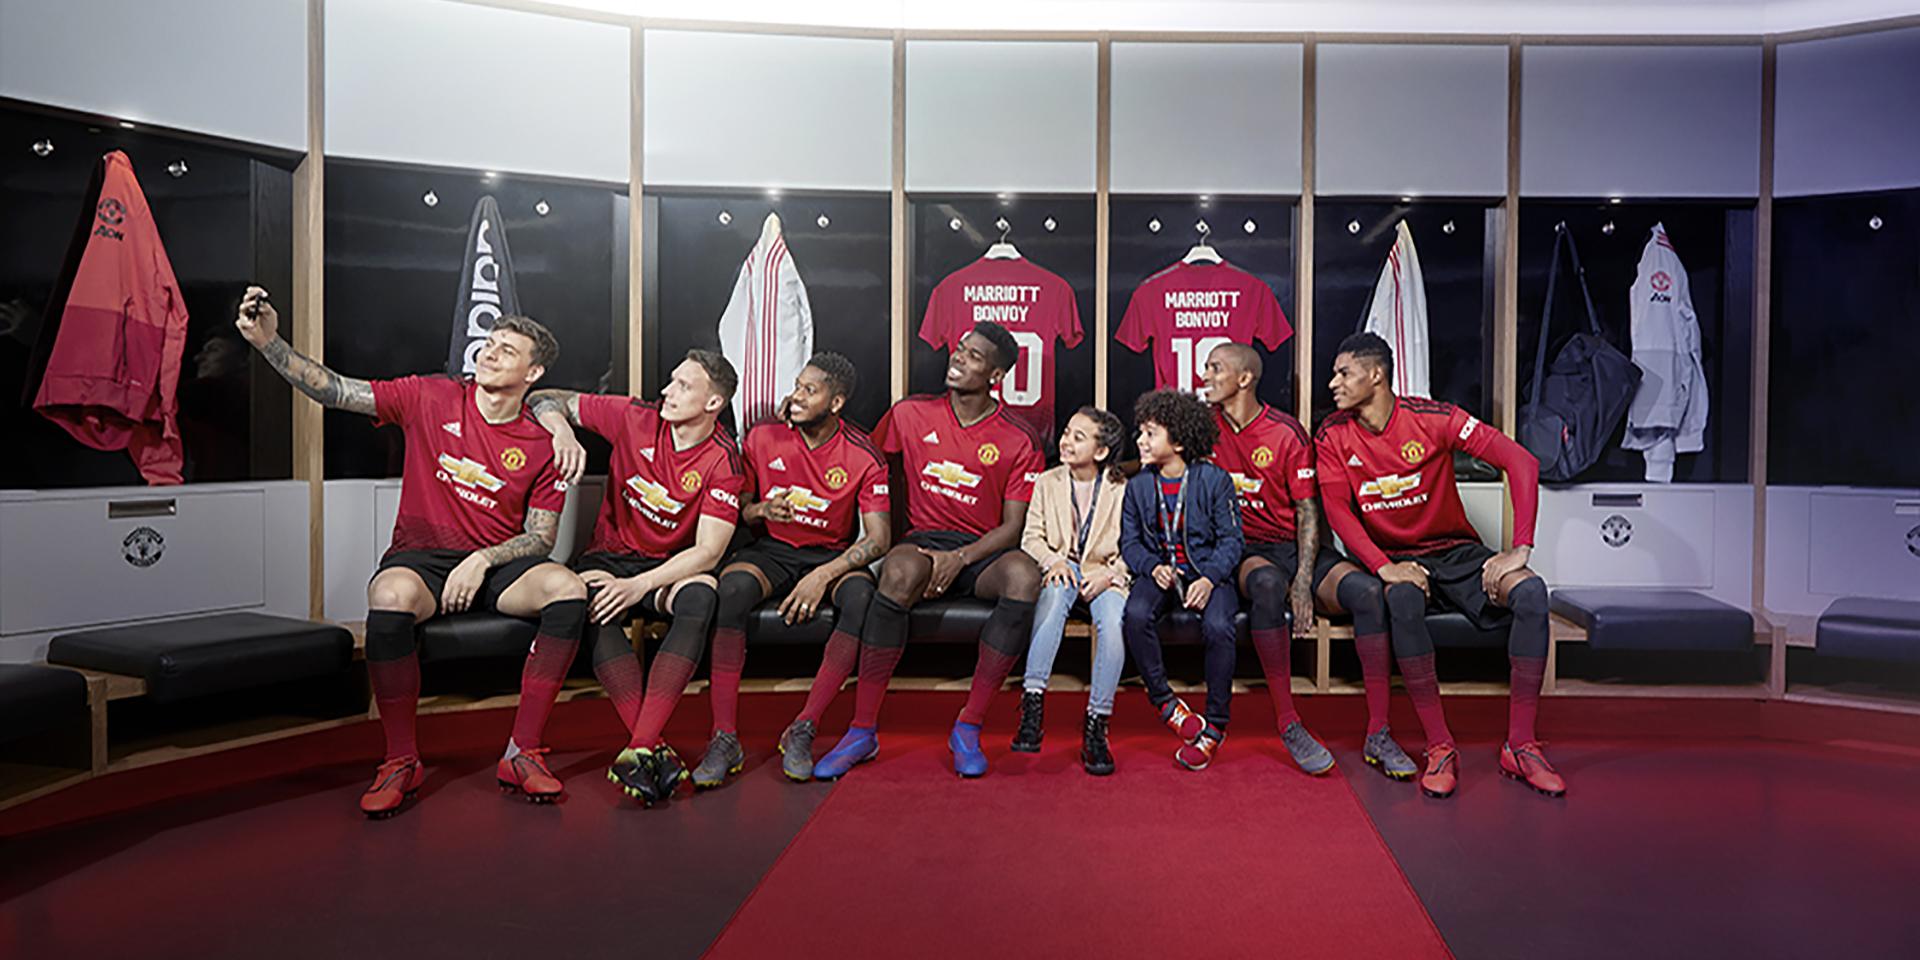 Manchester United-stjerner i reklamefoto i forbindelse med Marriott-aftalen, se navnet på trøjerne i baggrunden, Bonvoy, Marriotts bonusprogram.